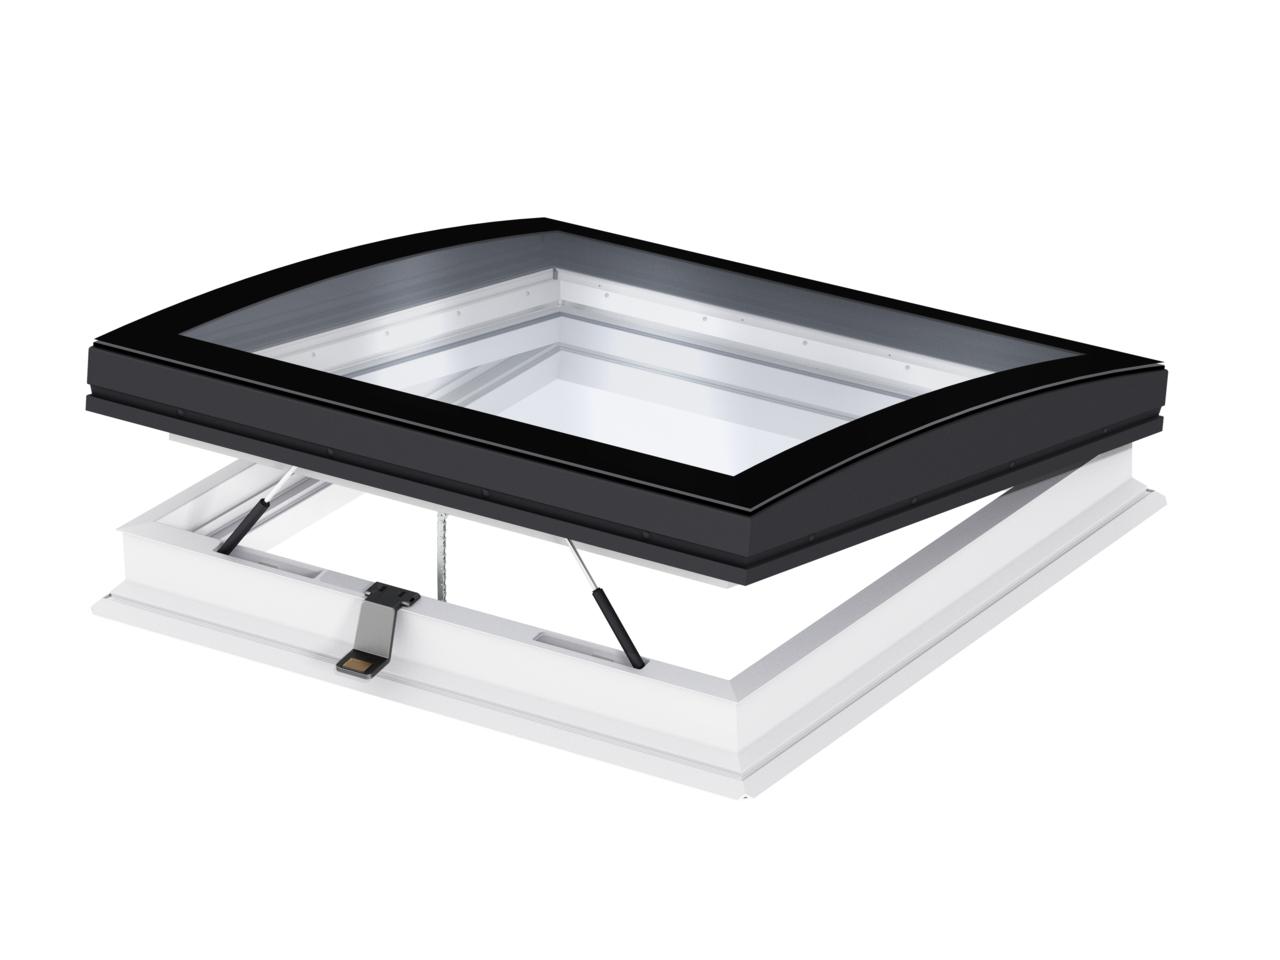 Flachdach fenster velux  Velux Flachdachfenster CFP/CVP